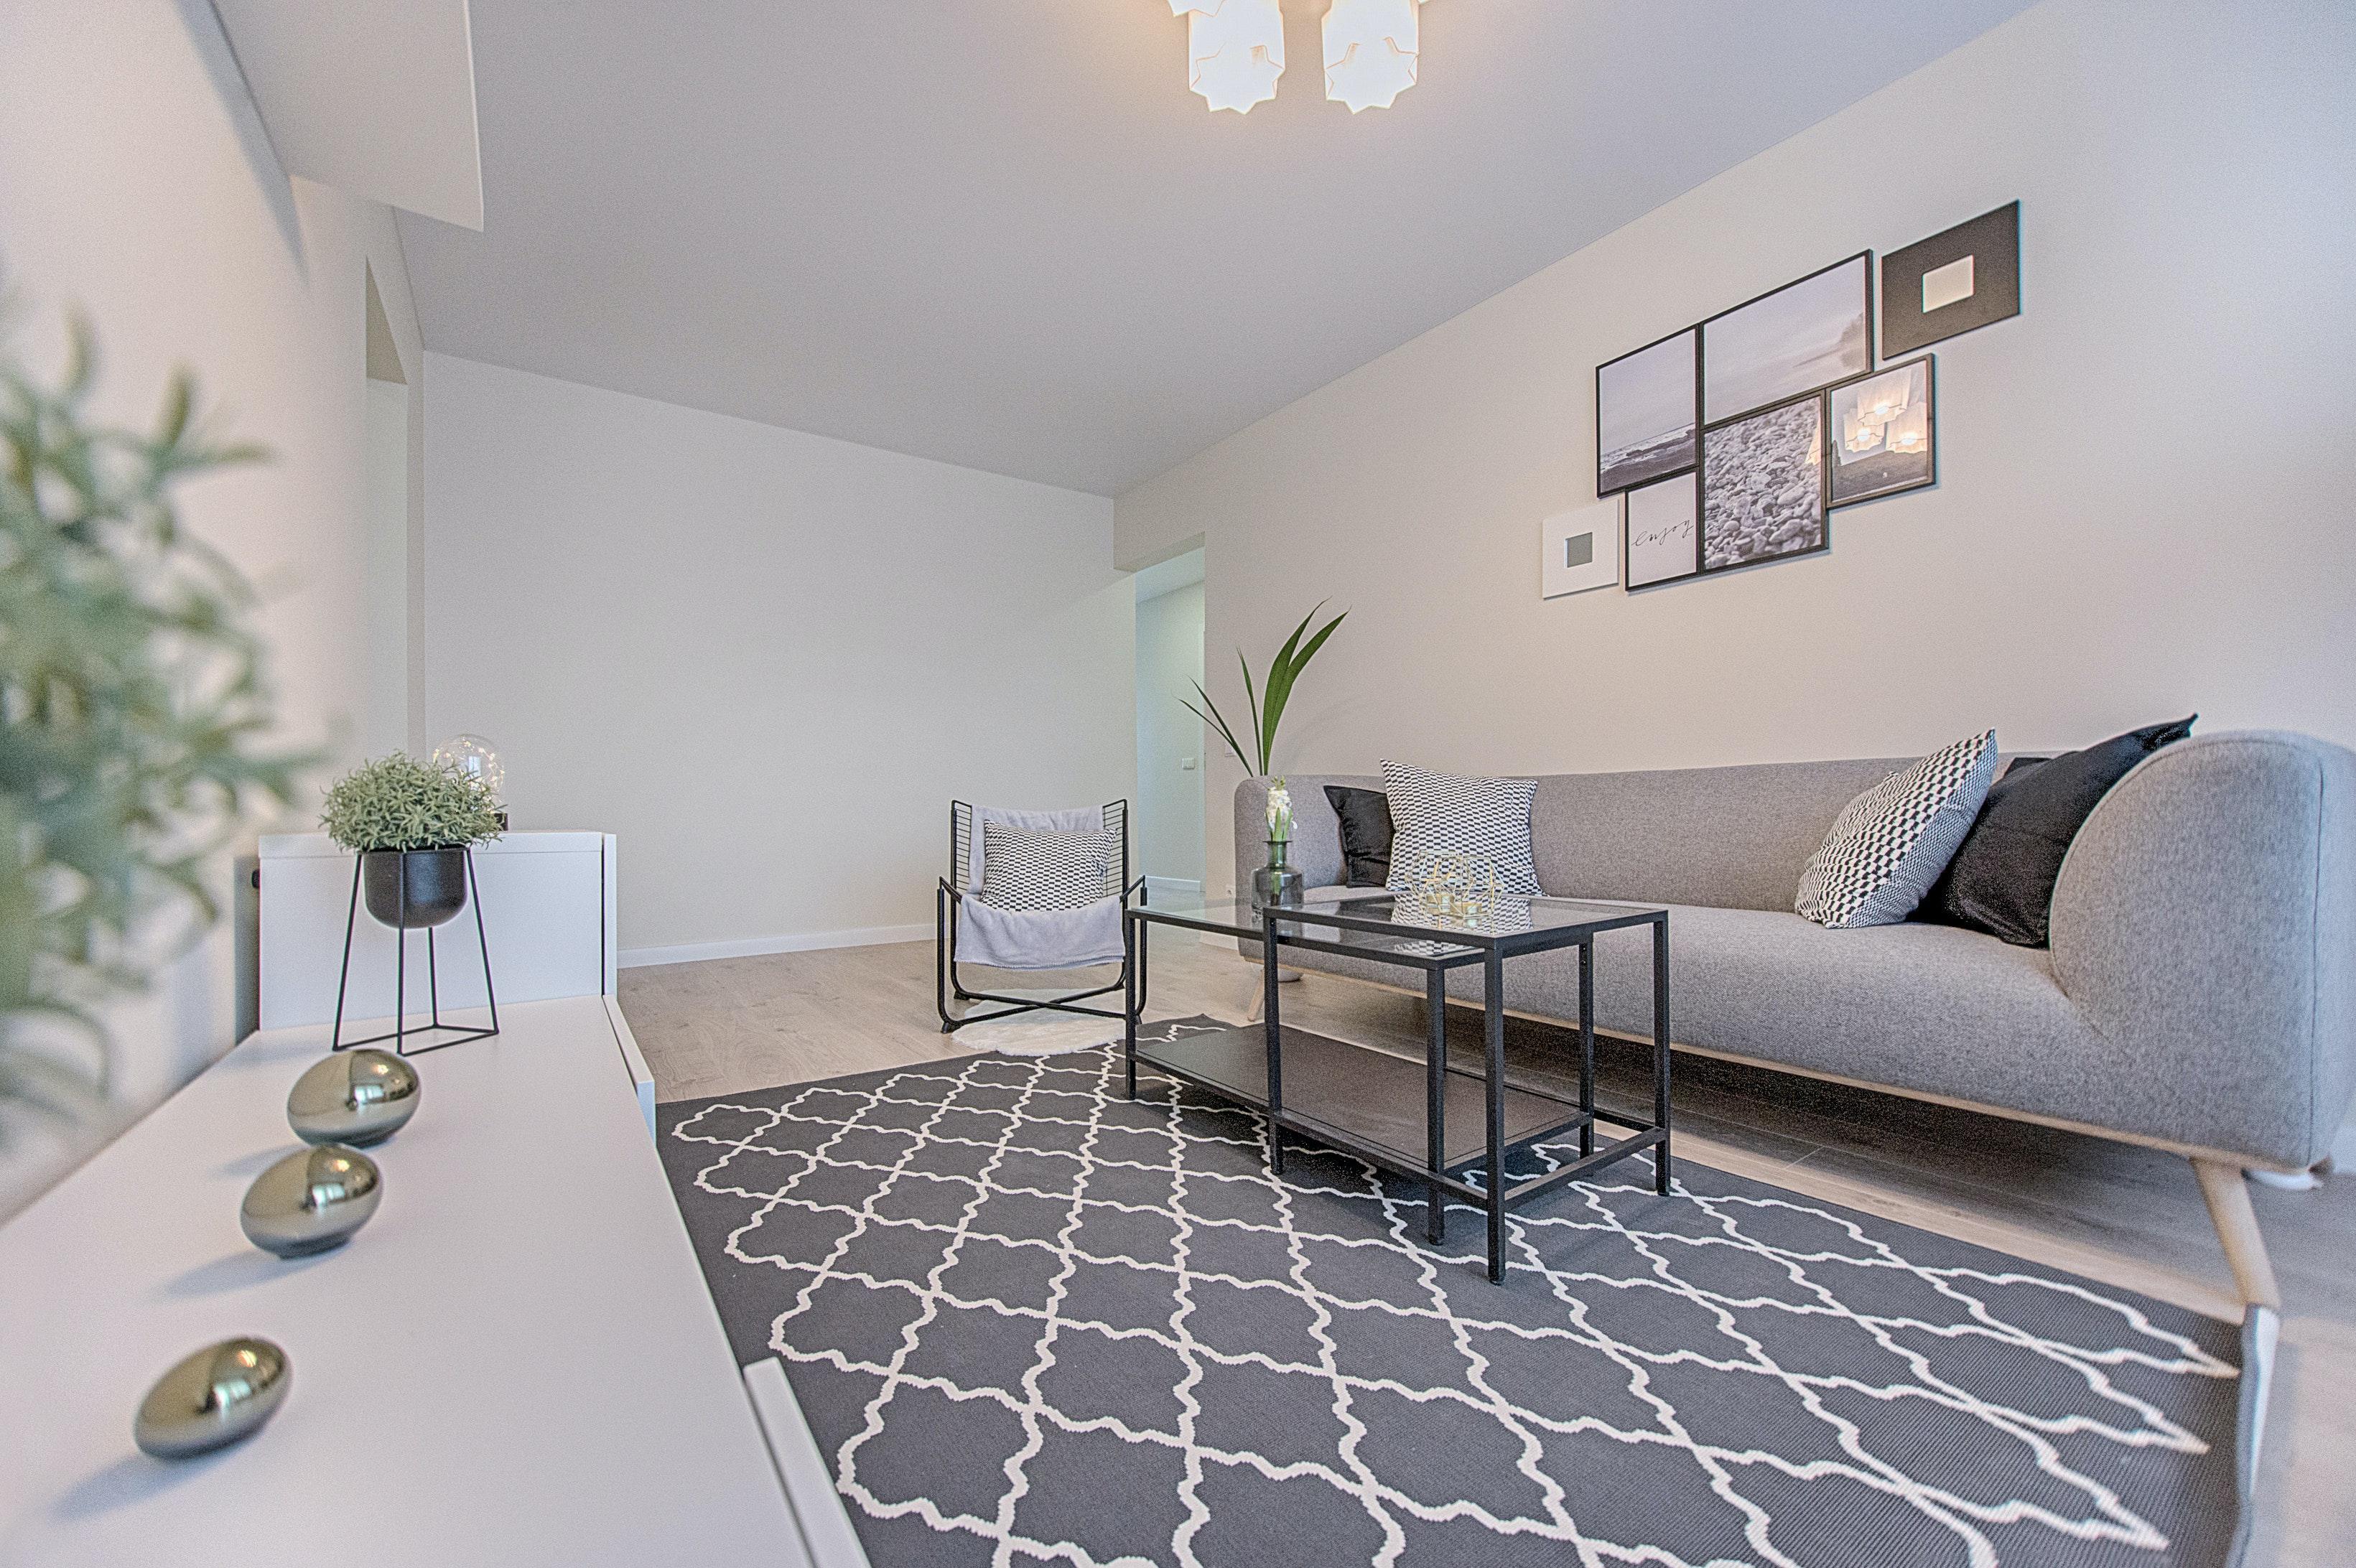 8 Karpet Lantai Minimalis Terpopuler, Harga Mulai Rp30 Ribuan